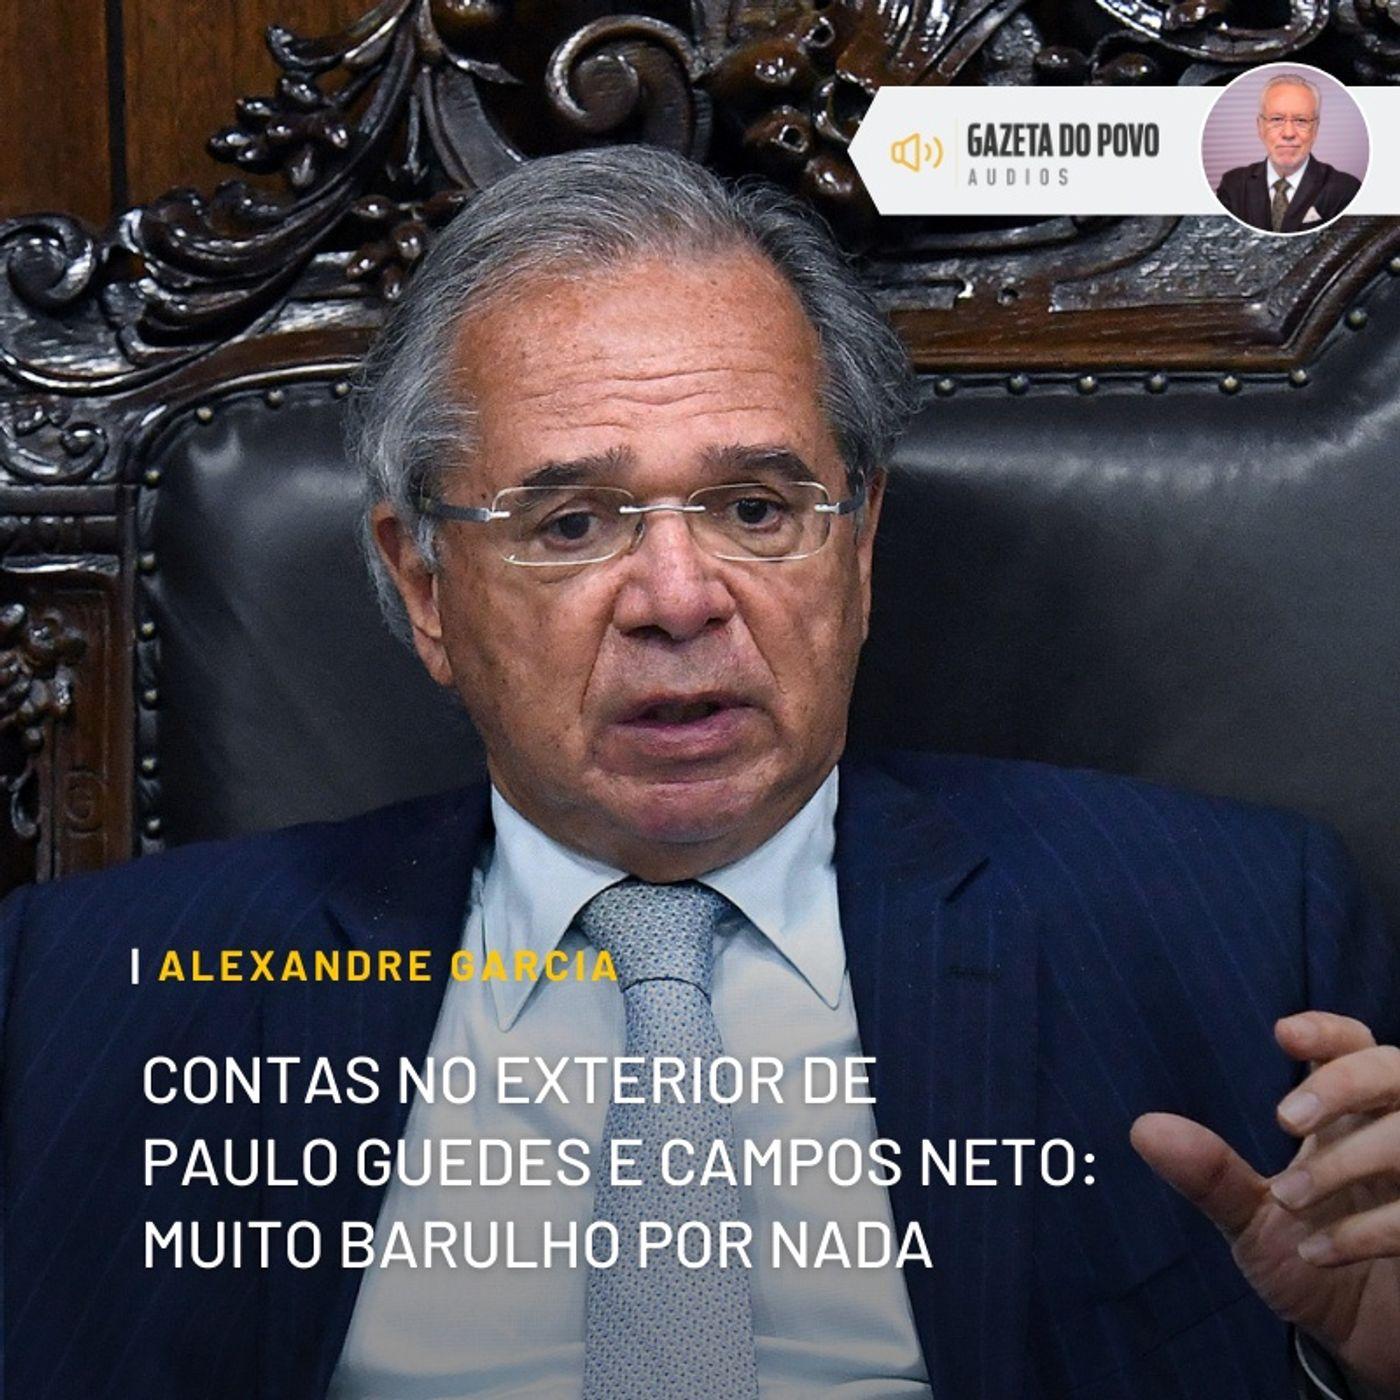 Contas no exterior de Guedes e Campos Neto: muito barulho por nada